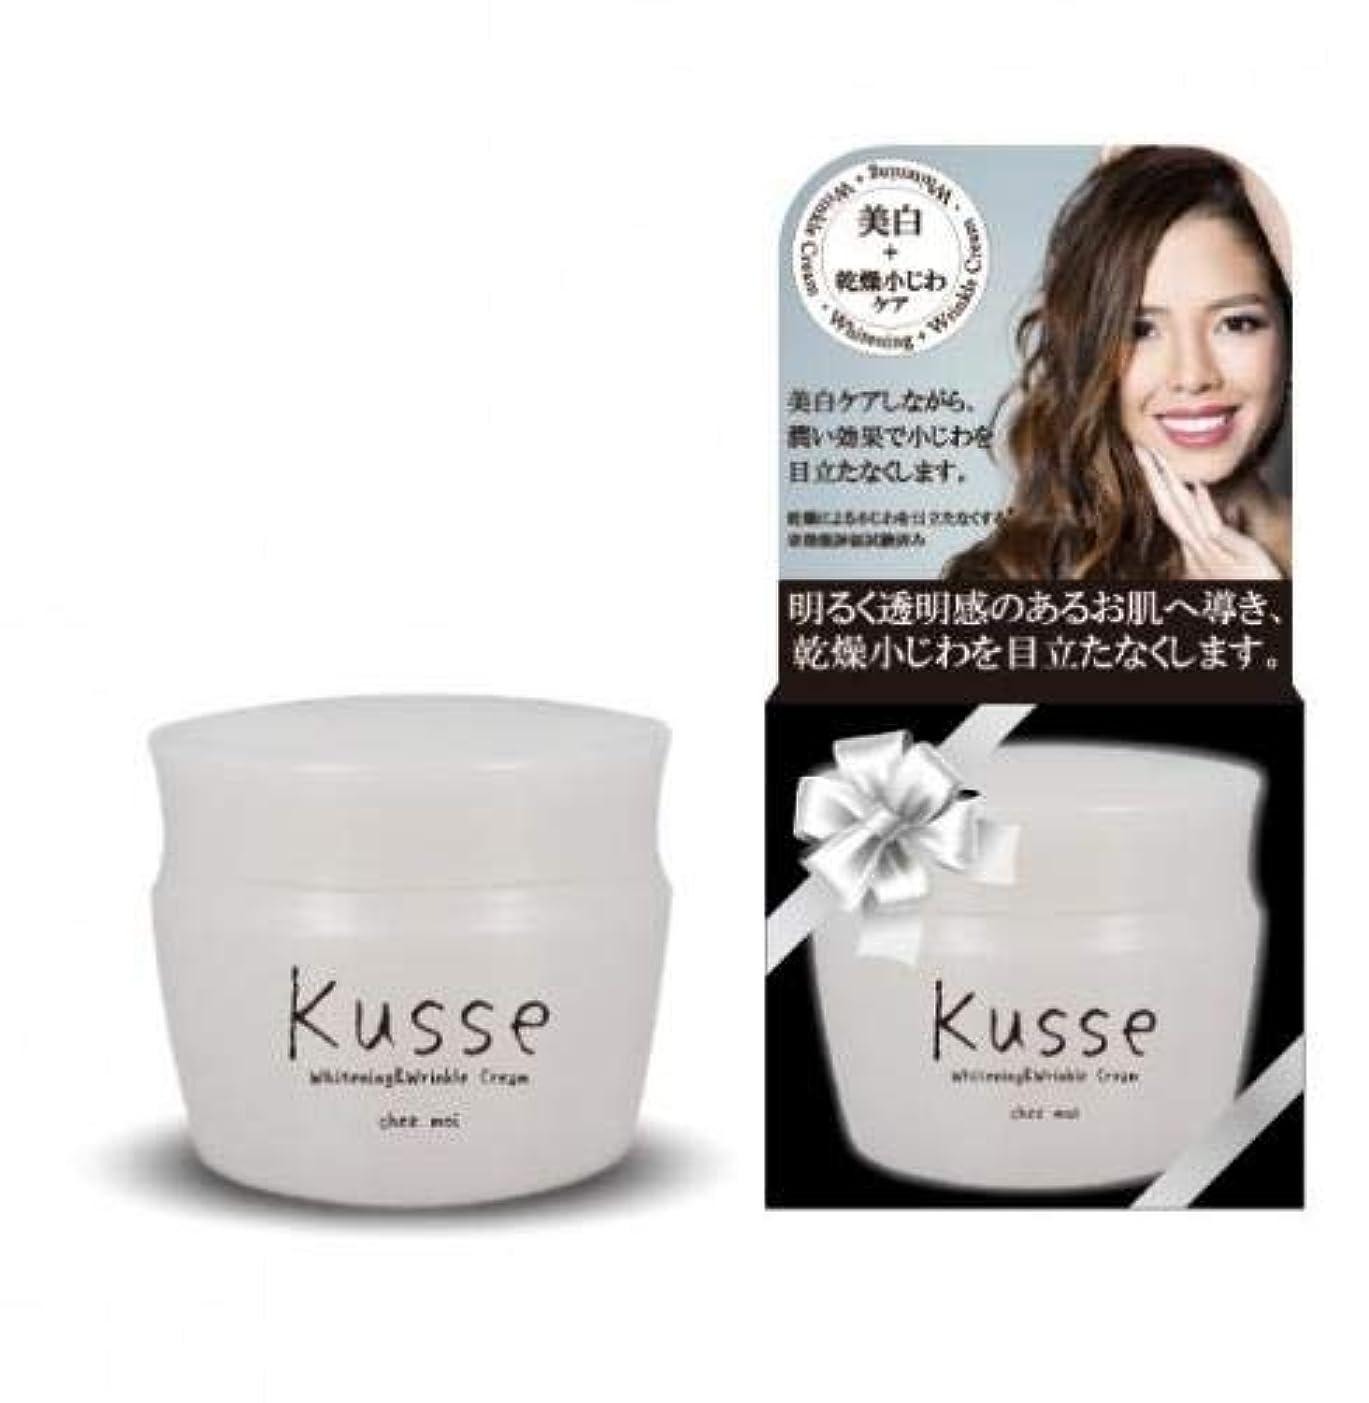 見物人石油にじみ出るシェモア 薬用 Kusse(キュセ) Whitening&Wrinkle Cream クリーム 30g